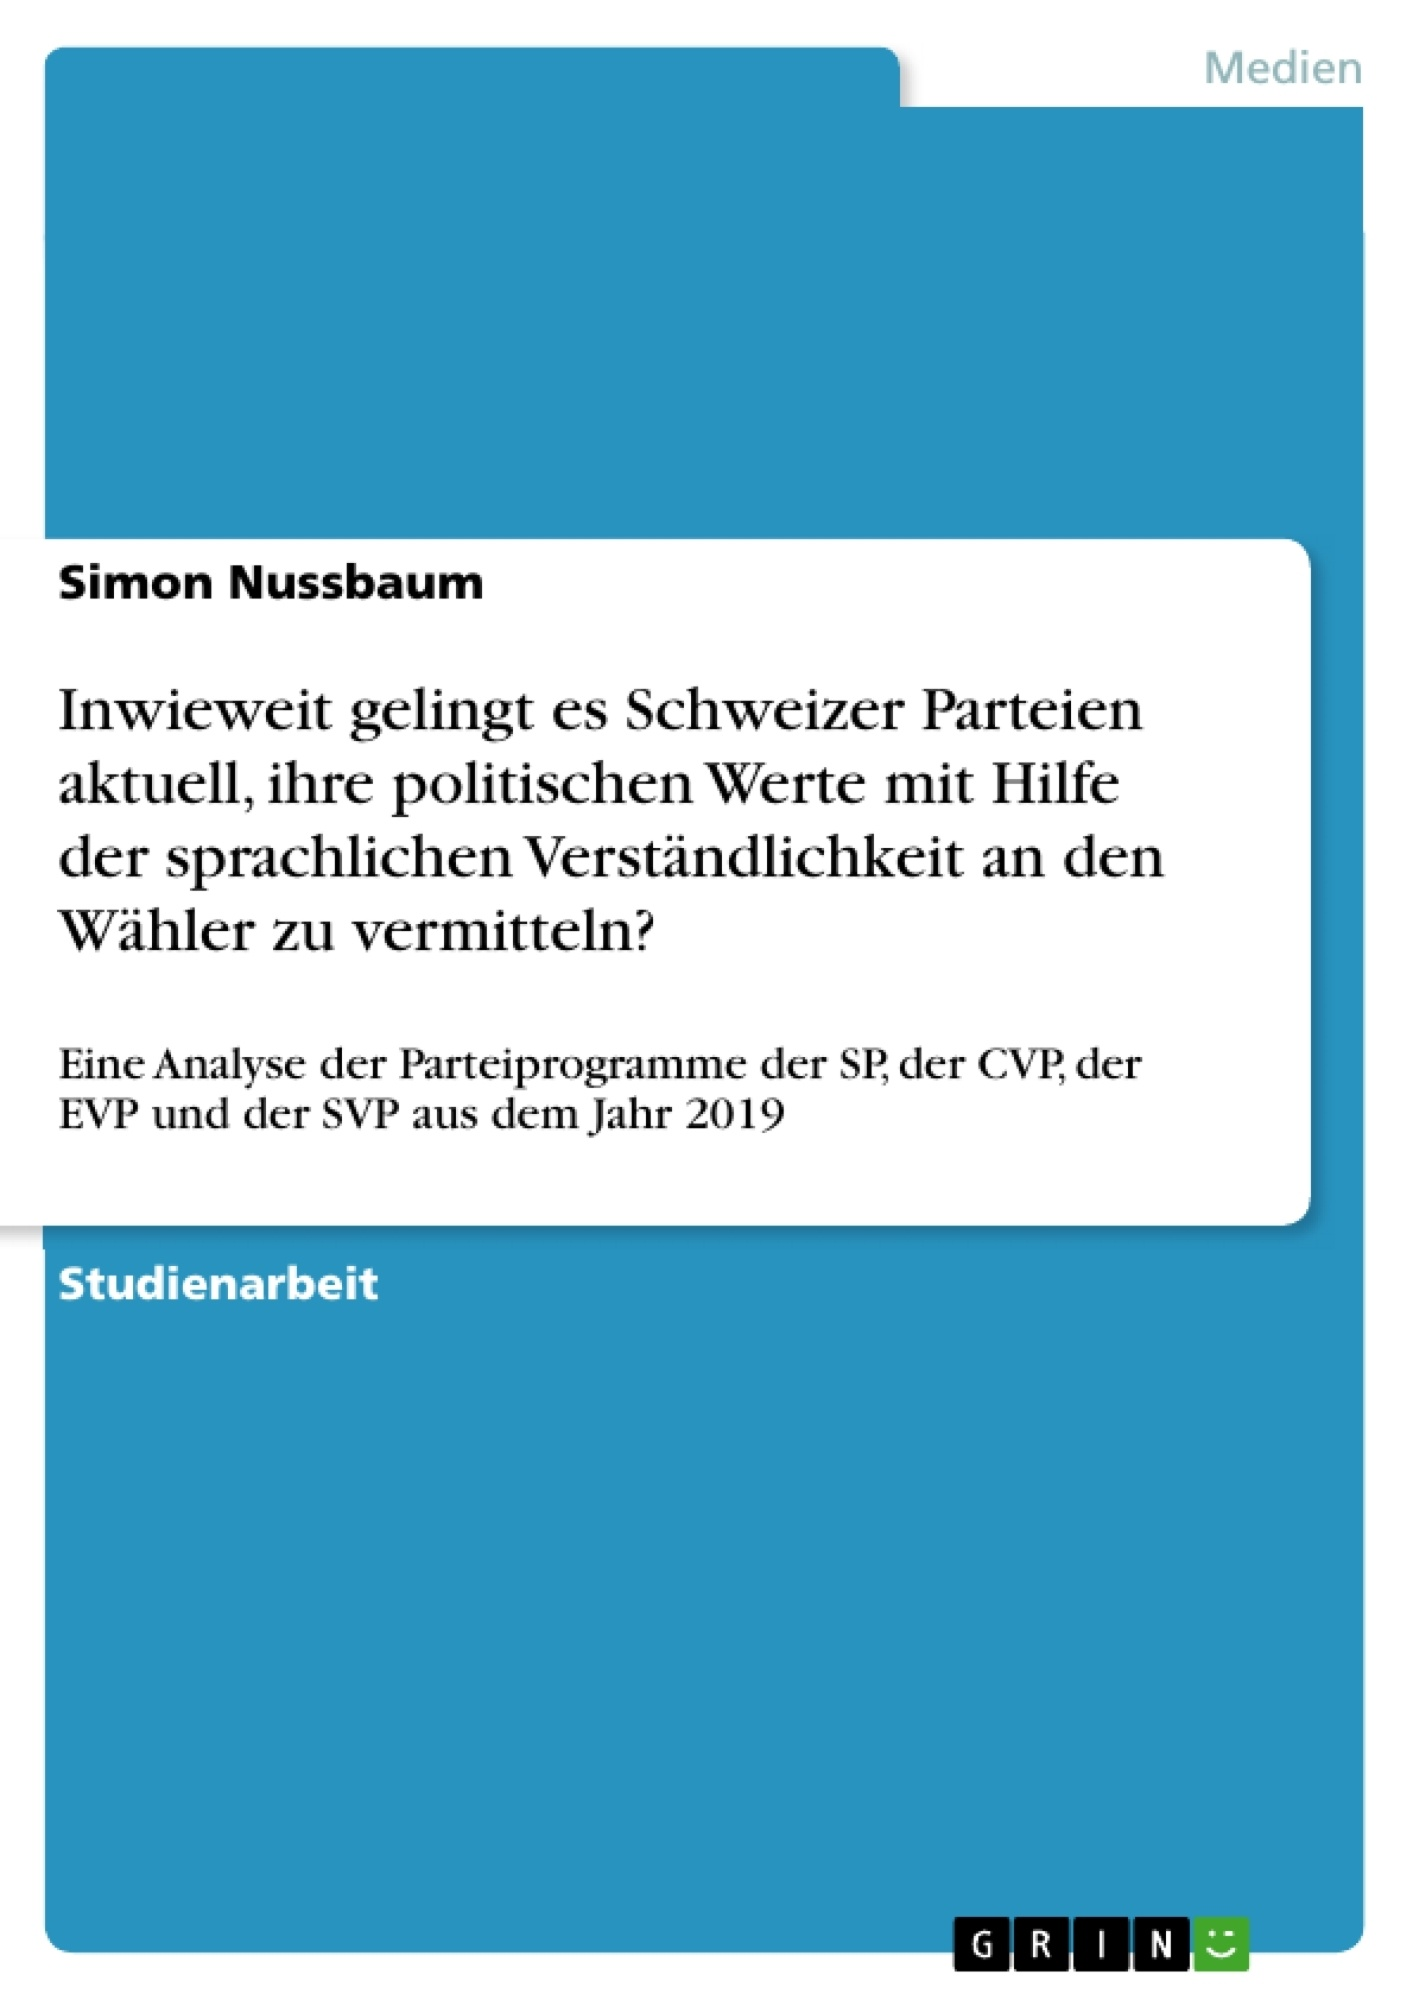 Titel: Inwieweit gelingt es Schweizer Parteien aktuell, ihre politischen Werte mit Hilfe der sprachlichen Verständlichkeit an den Wähler zu vermitteln?